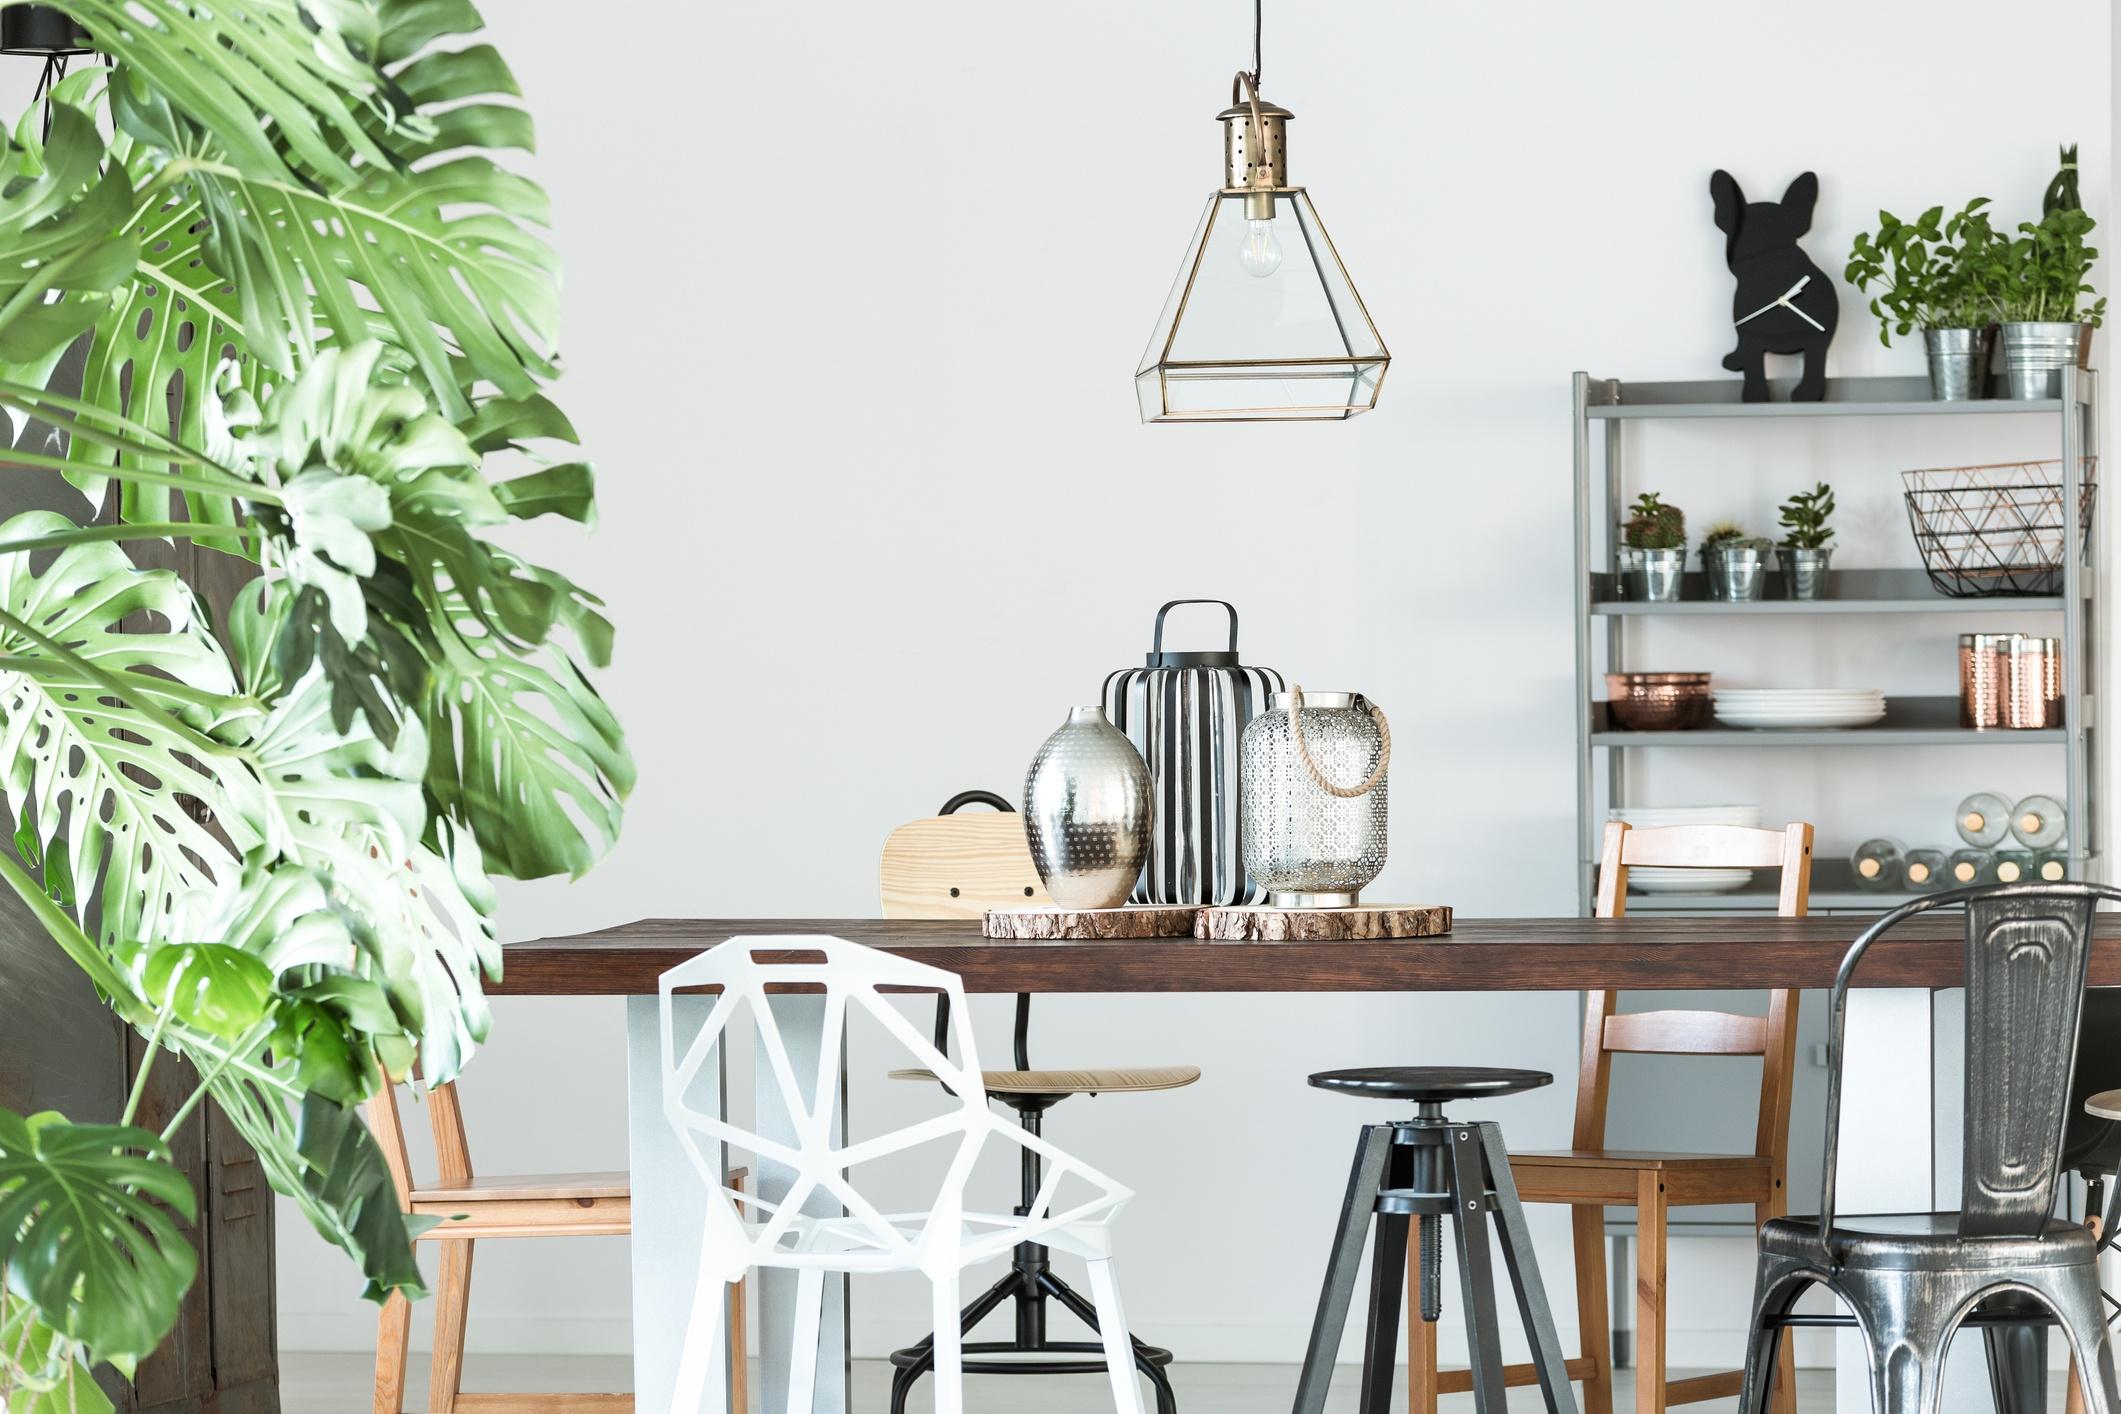 Centro para mesa de comedor affordable mesa de centro - Centros de mesa para comedor ...